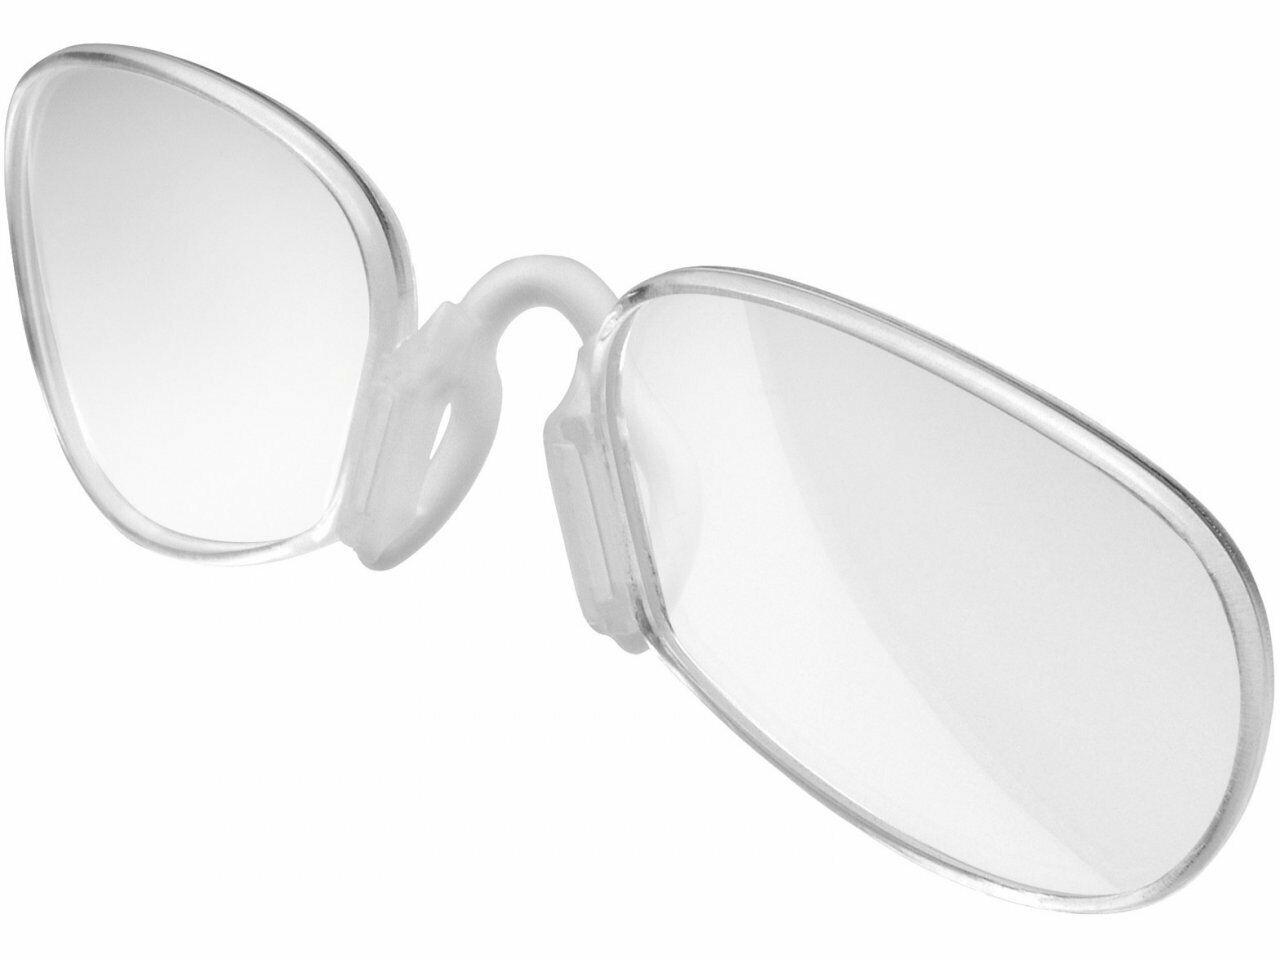 Adidas Clip Clip Clip In a 779 passend mit Sehwerten für sehr viele Adidas Brillen möglich | Spielen Sie auf der ganzen Welt und verhindern Sie, dass Ihre Kinder einsam sind  3408f0